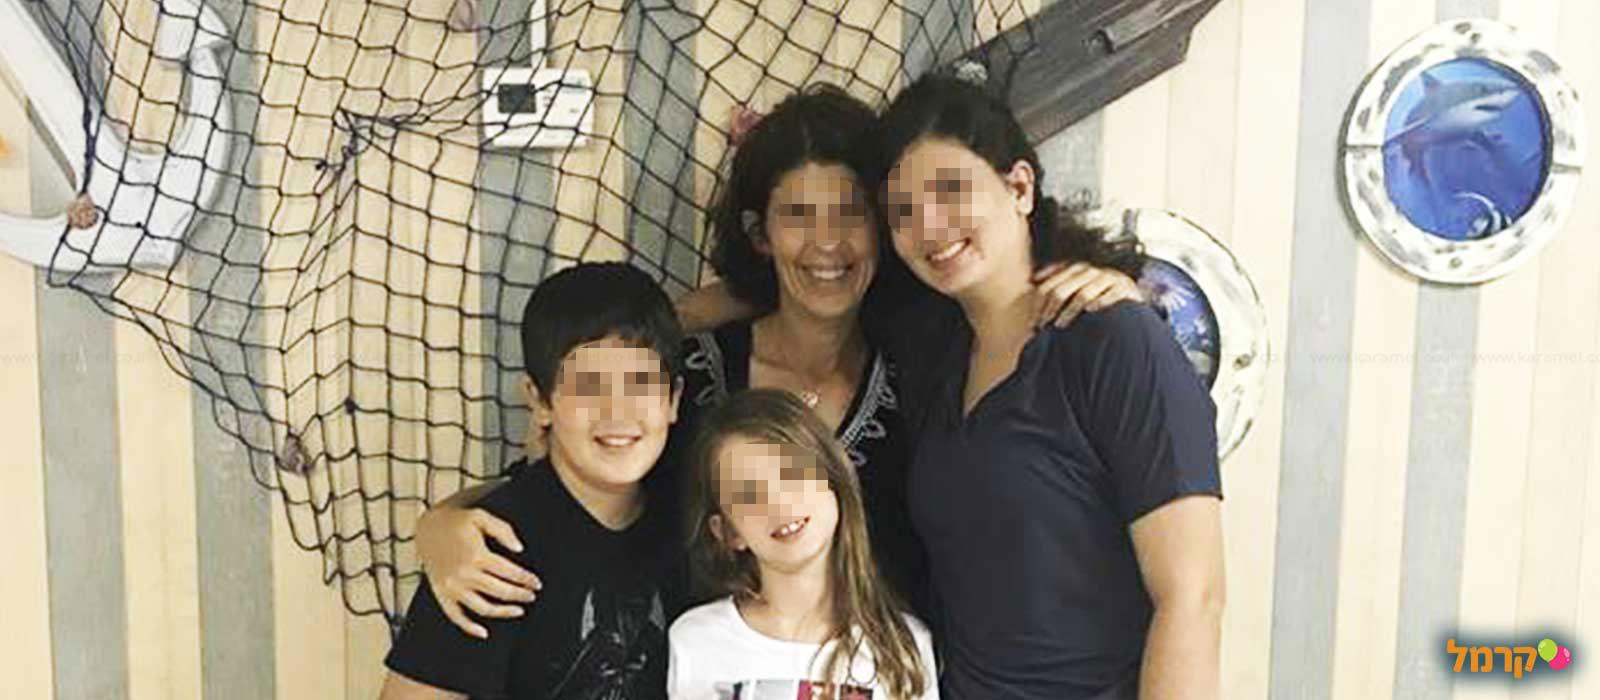 פמלילנד חדרי בריחה בחיפה - 073-7840283